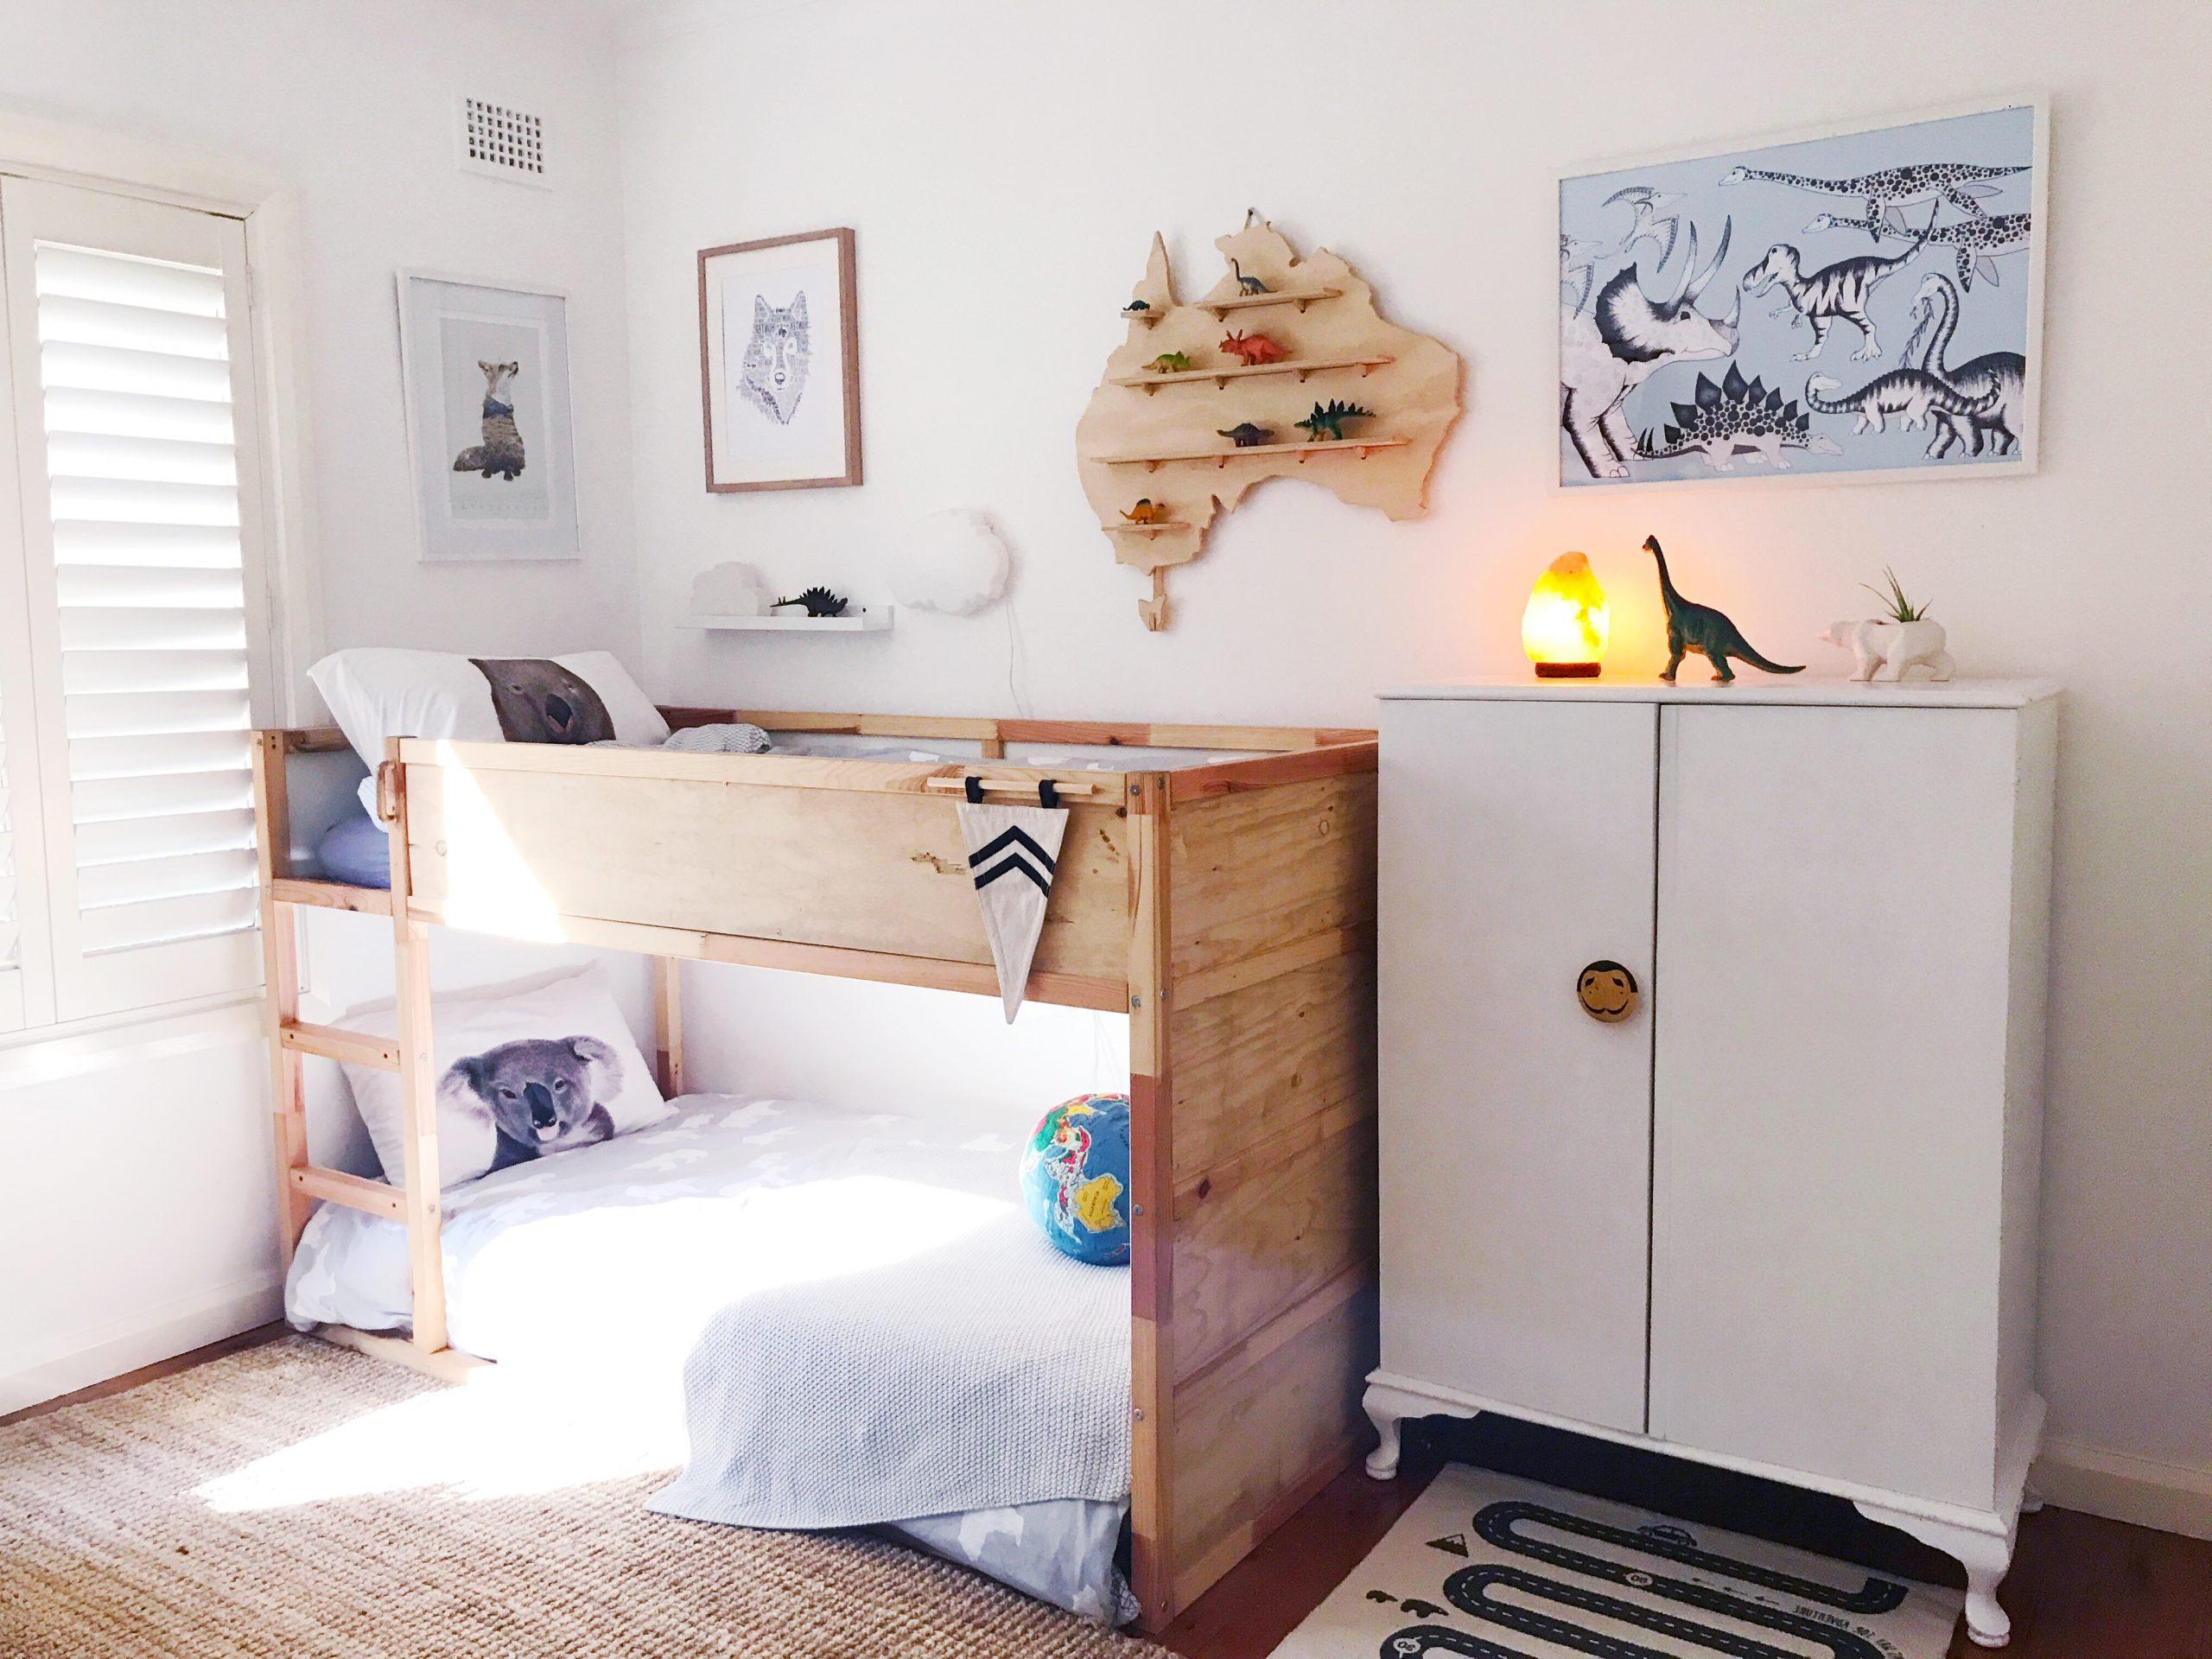 Full Size of Bett Ohne Füße Betten 200x220 Mit Bettkasten 90x200 Bette Floor 160x200 Lattenrost Amerikanisches Bock Kinderzimmer Regal Nussbaum 180x200 Konfigurieren Ruf Wohnzimmer Ikea Bett Kinder